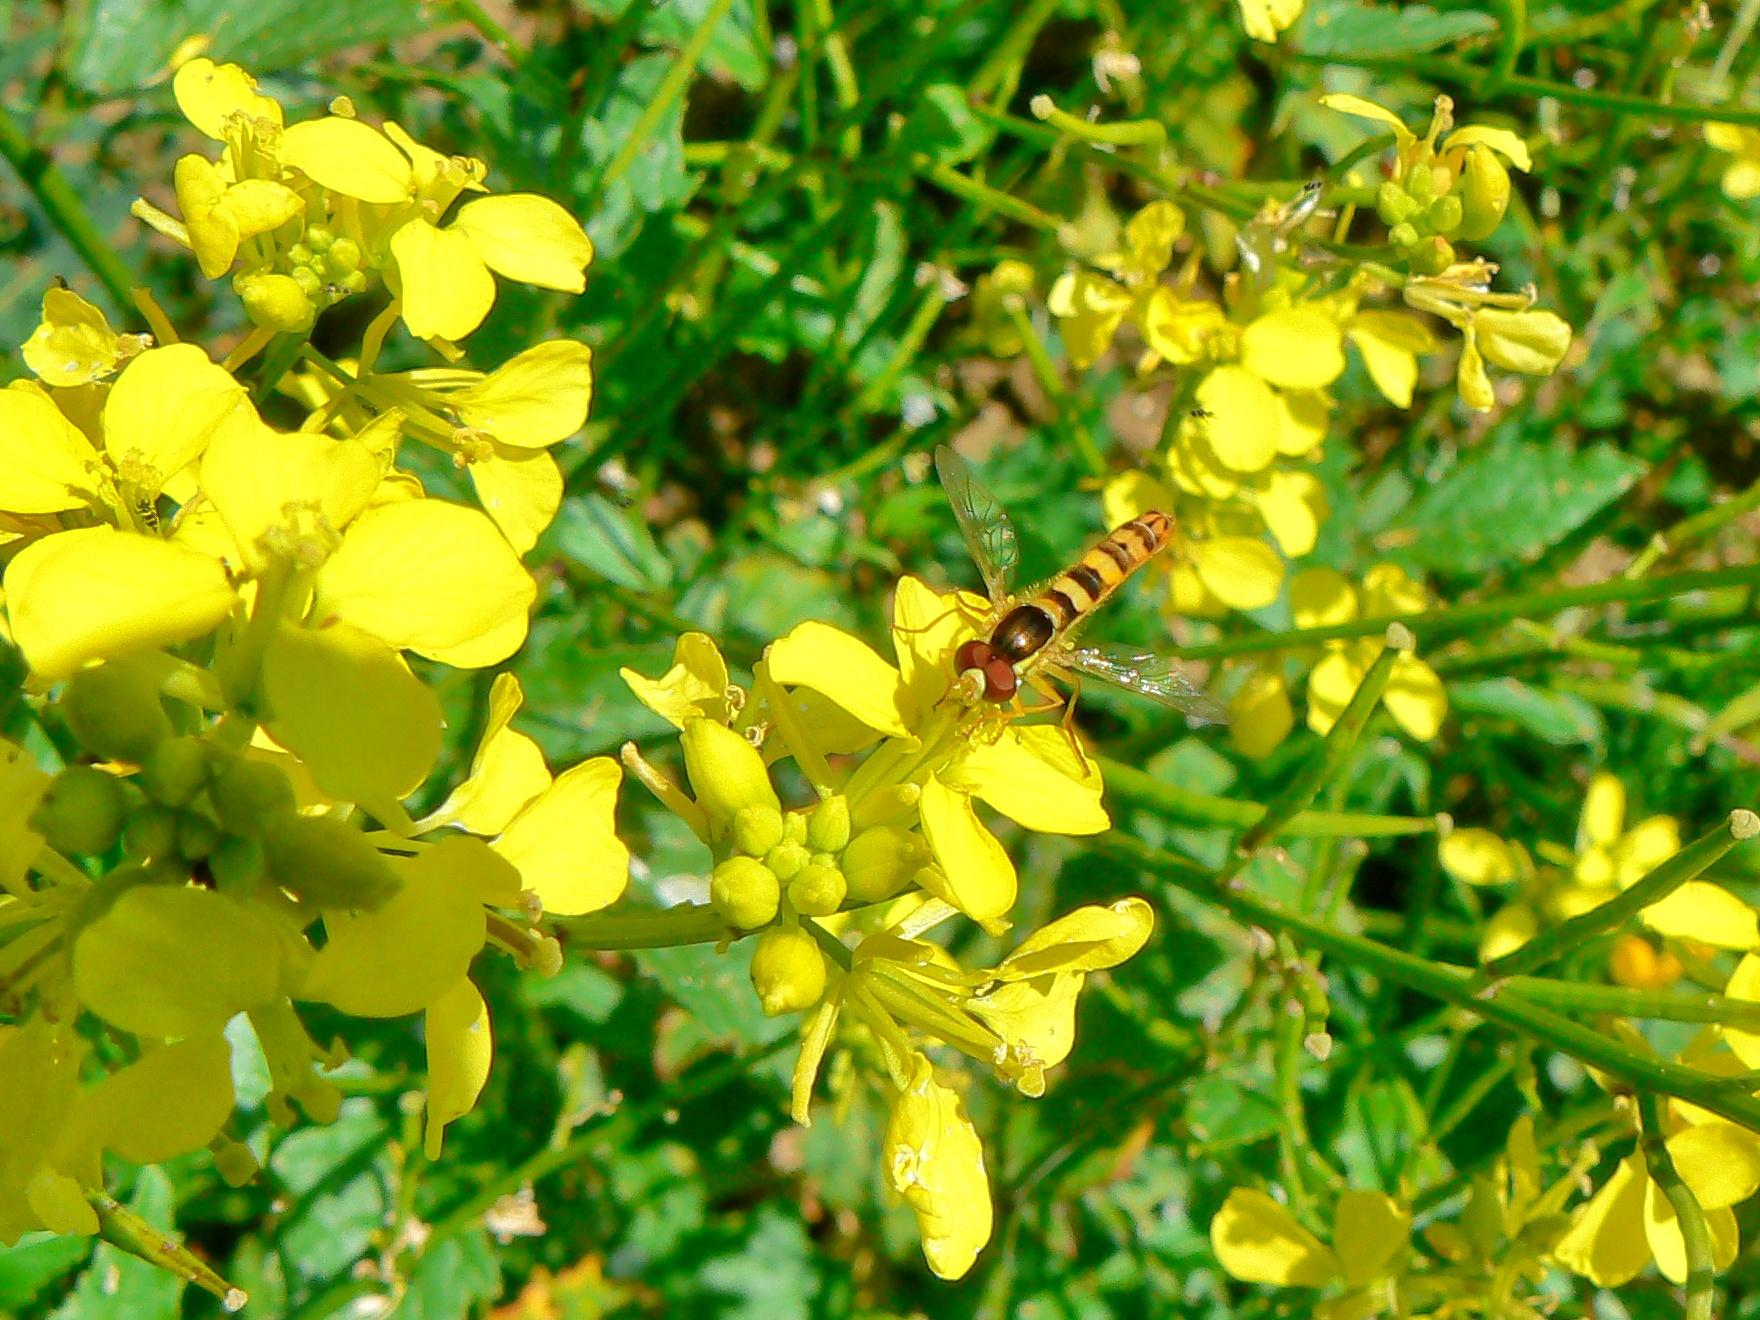 Syrphe porte-plume (Sphaerophoria scripta), un visiteur assidu de la moutarde blanche (Sinapis alba) du printemps à l'automne. (©Benoît Geslin)